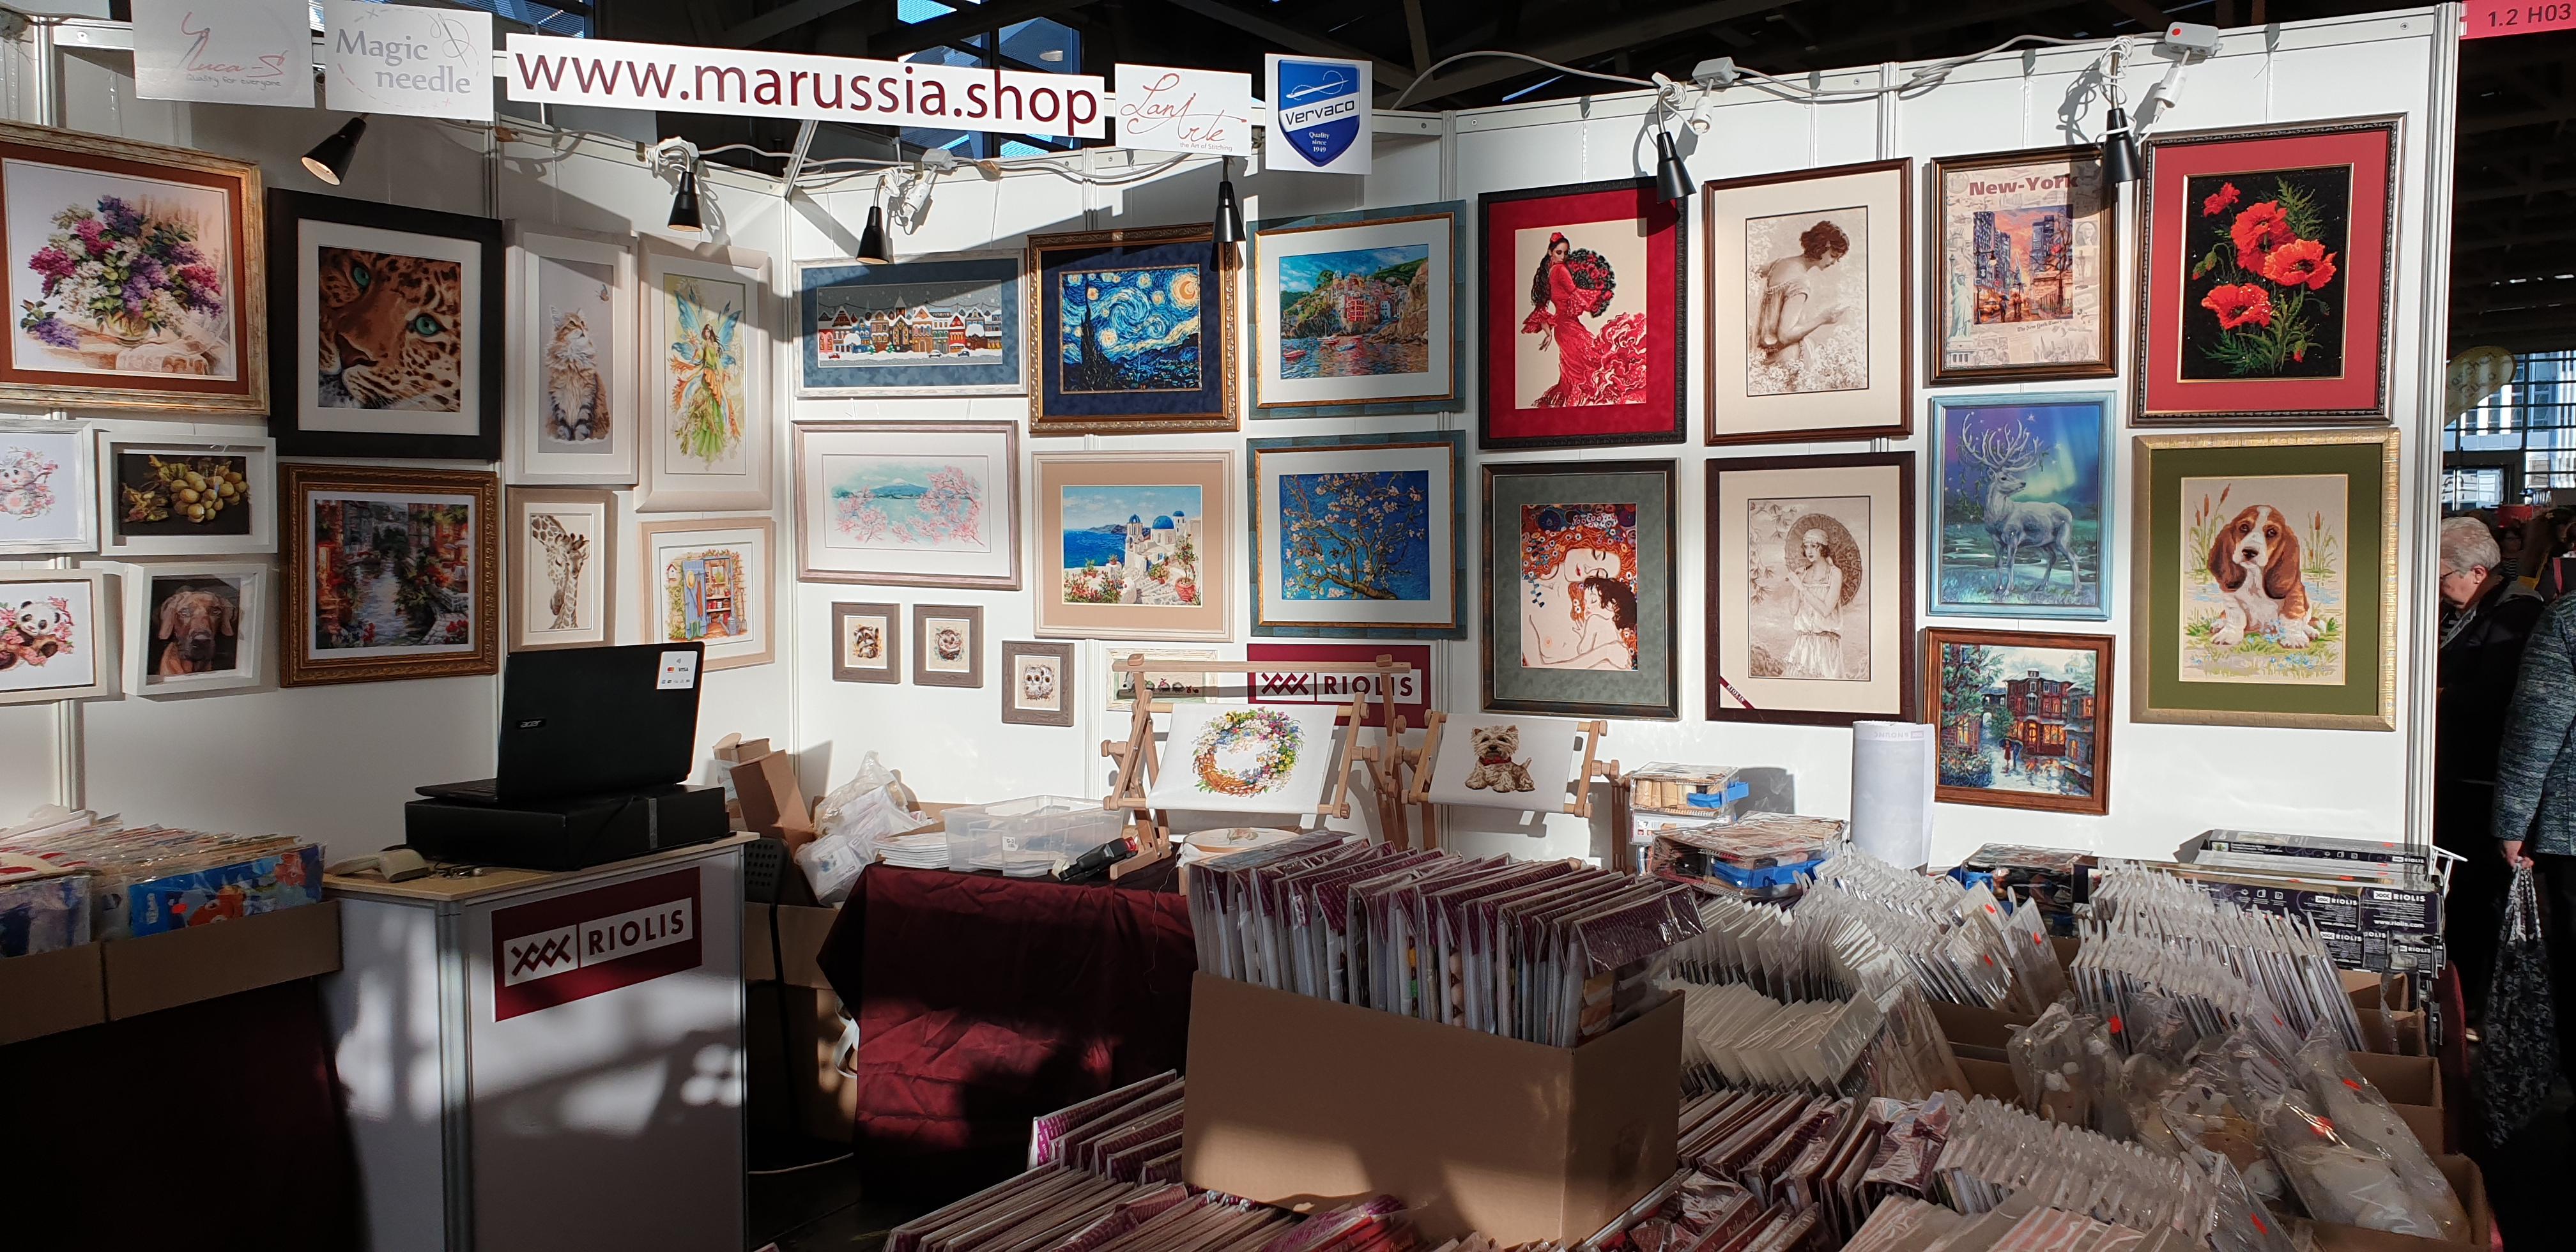 Marussia (Artis GmbH)